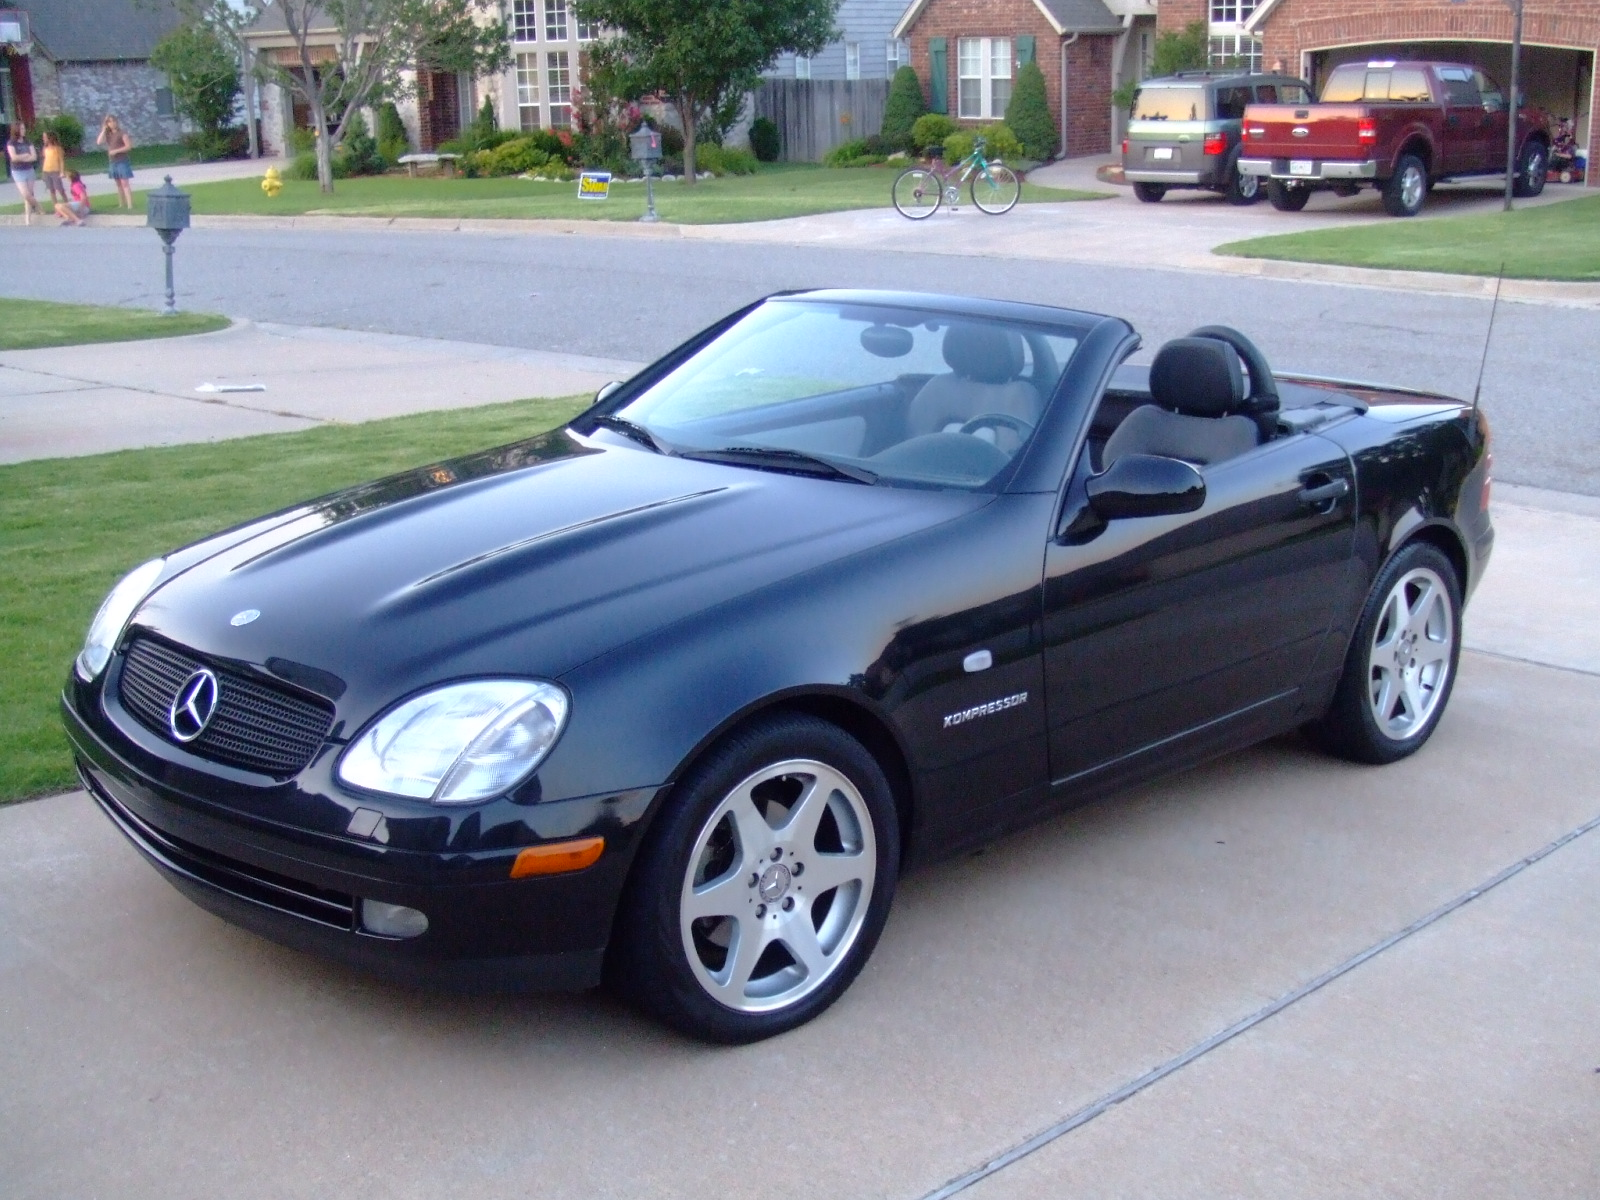 FS 2000 slk230 Limited Edition Black Tulsa oklahoma-slk230-006.jpg